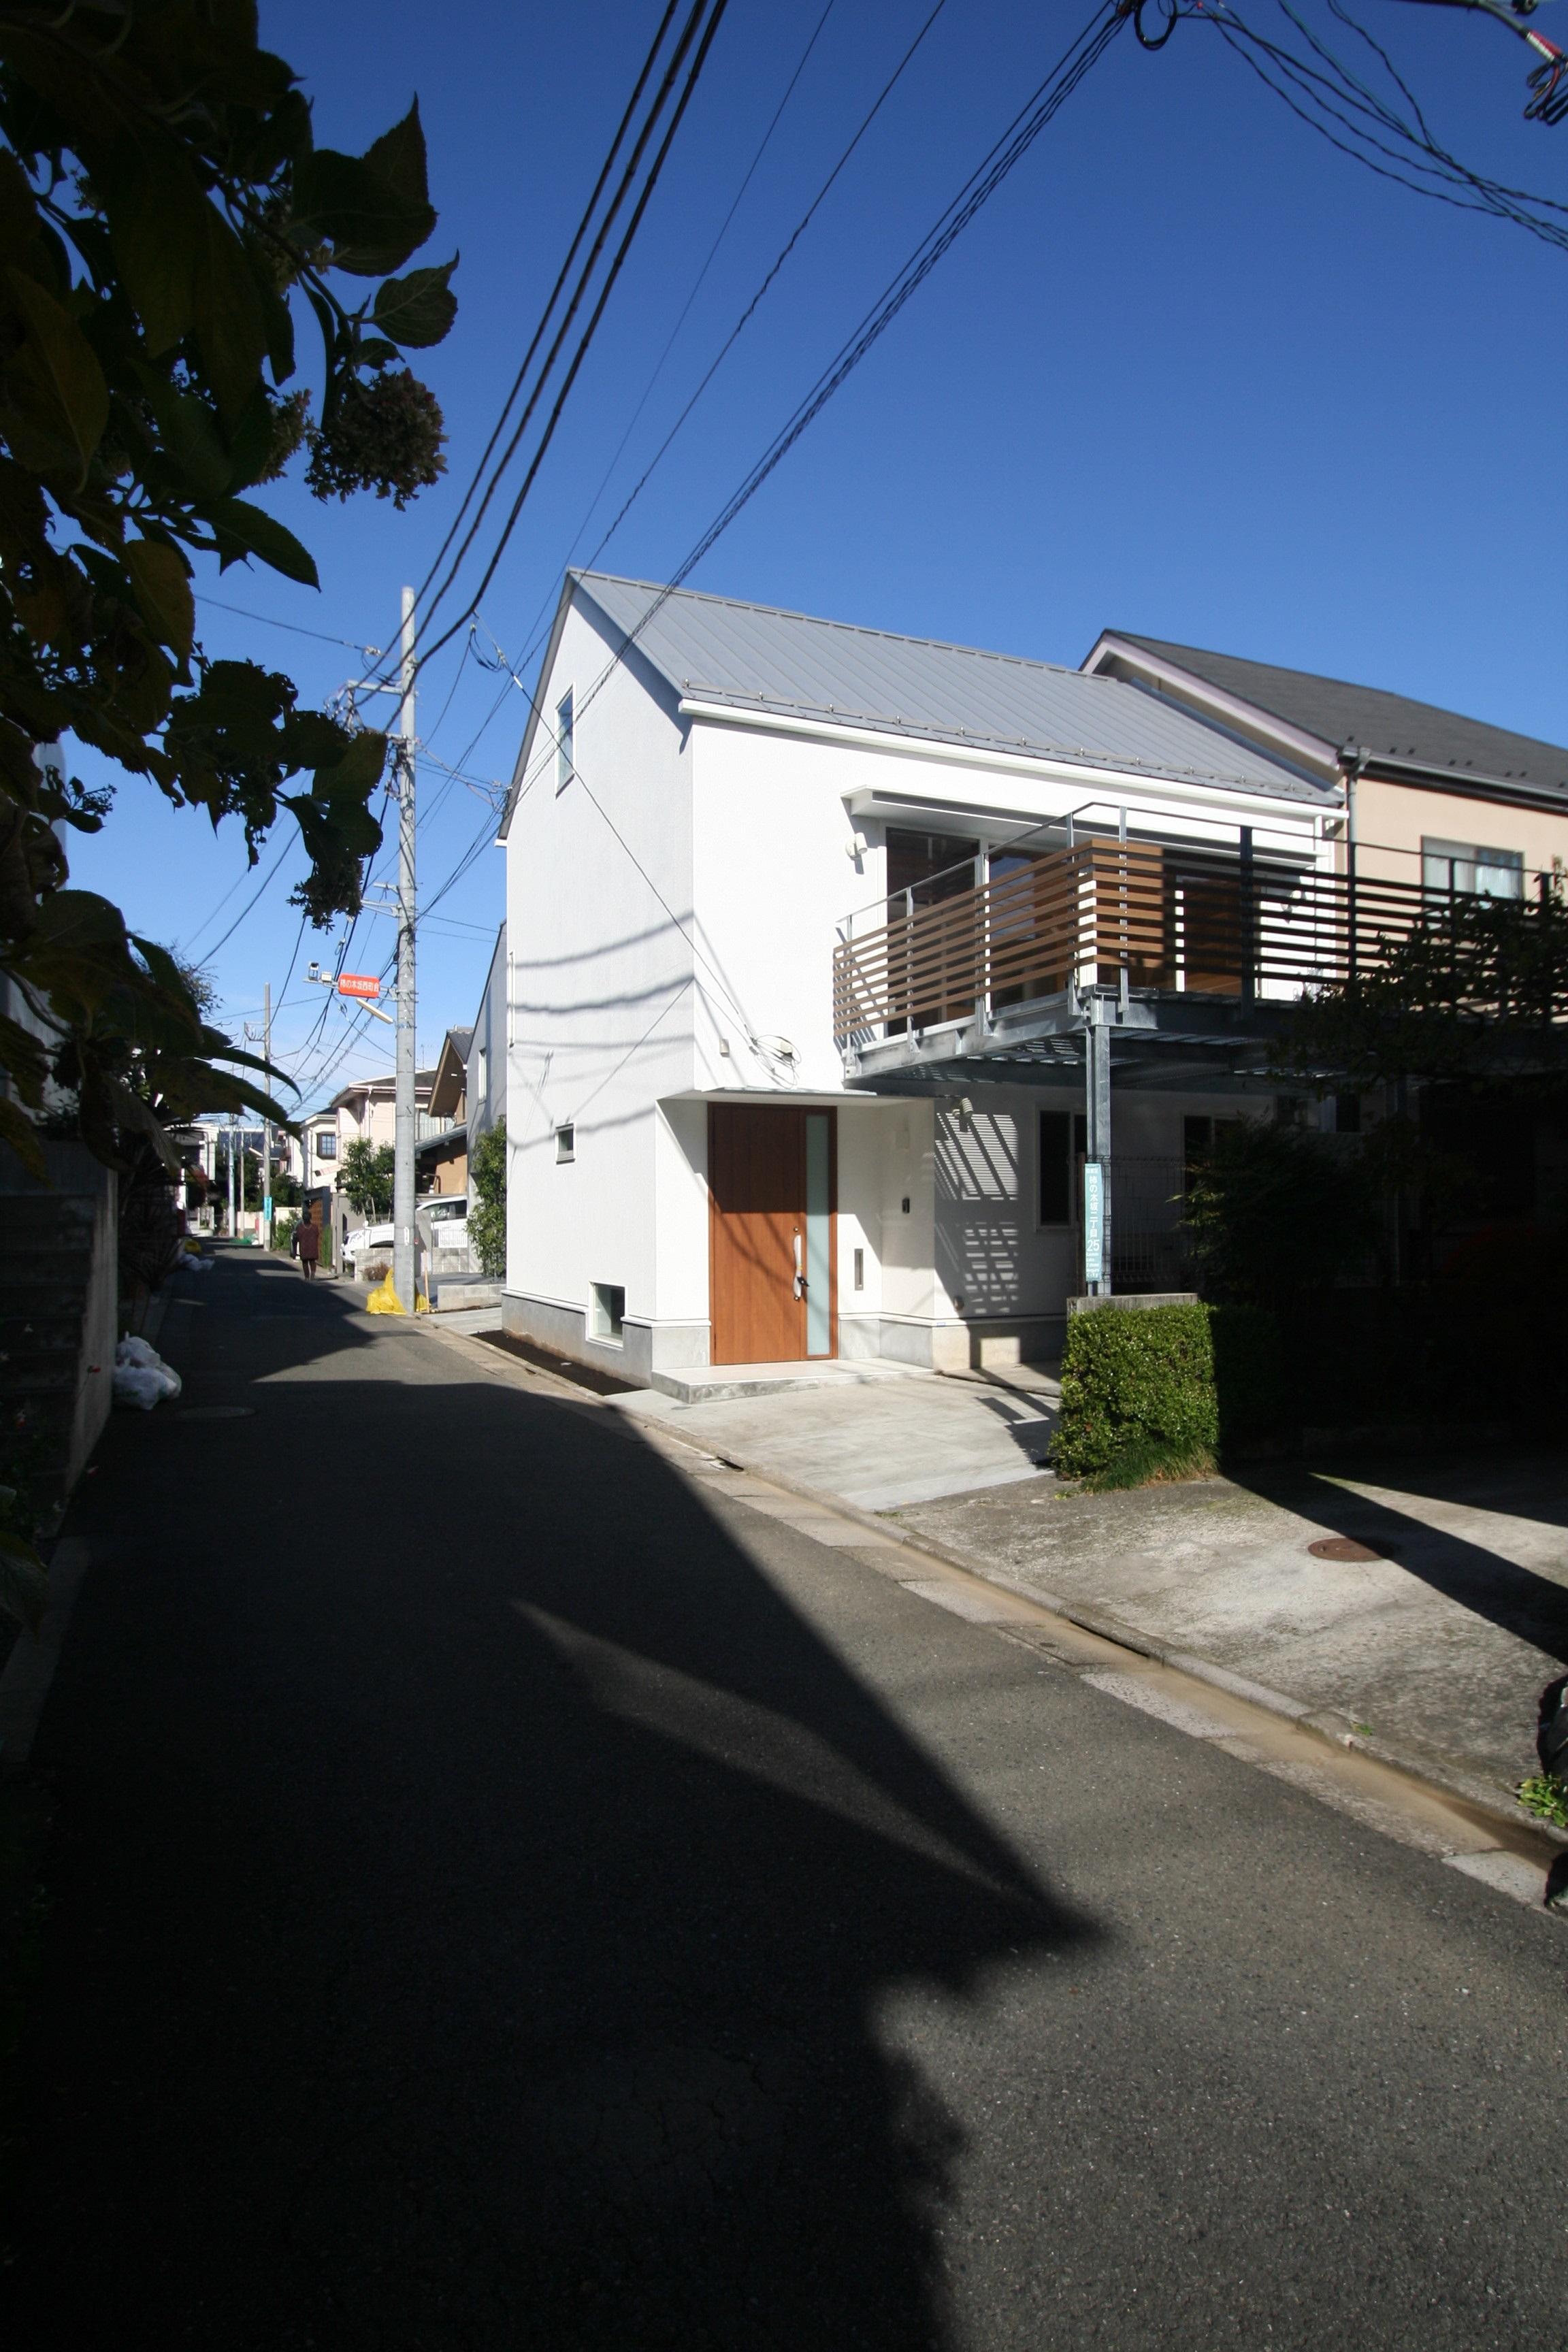 柿の木坂-Tの写真 二世帯住居から三世帯住居に増築した外観